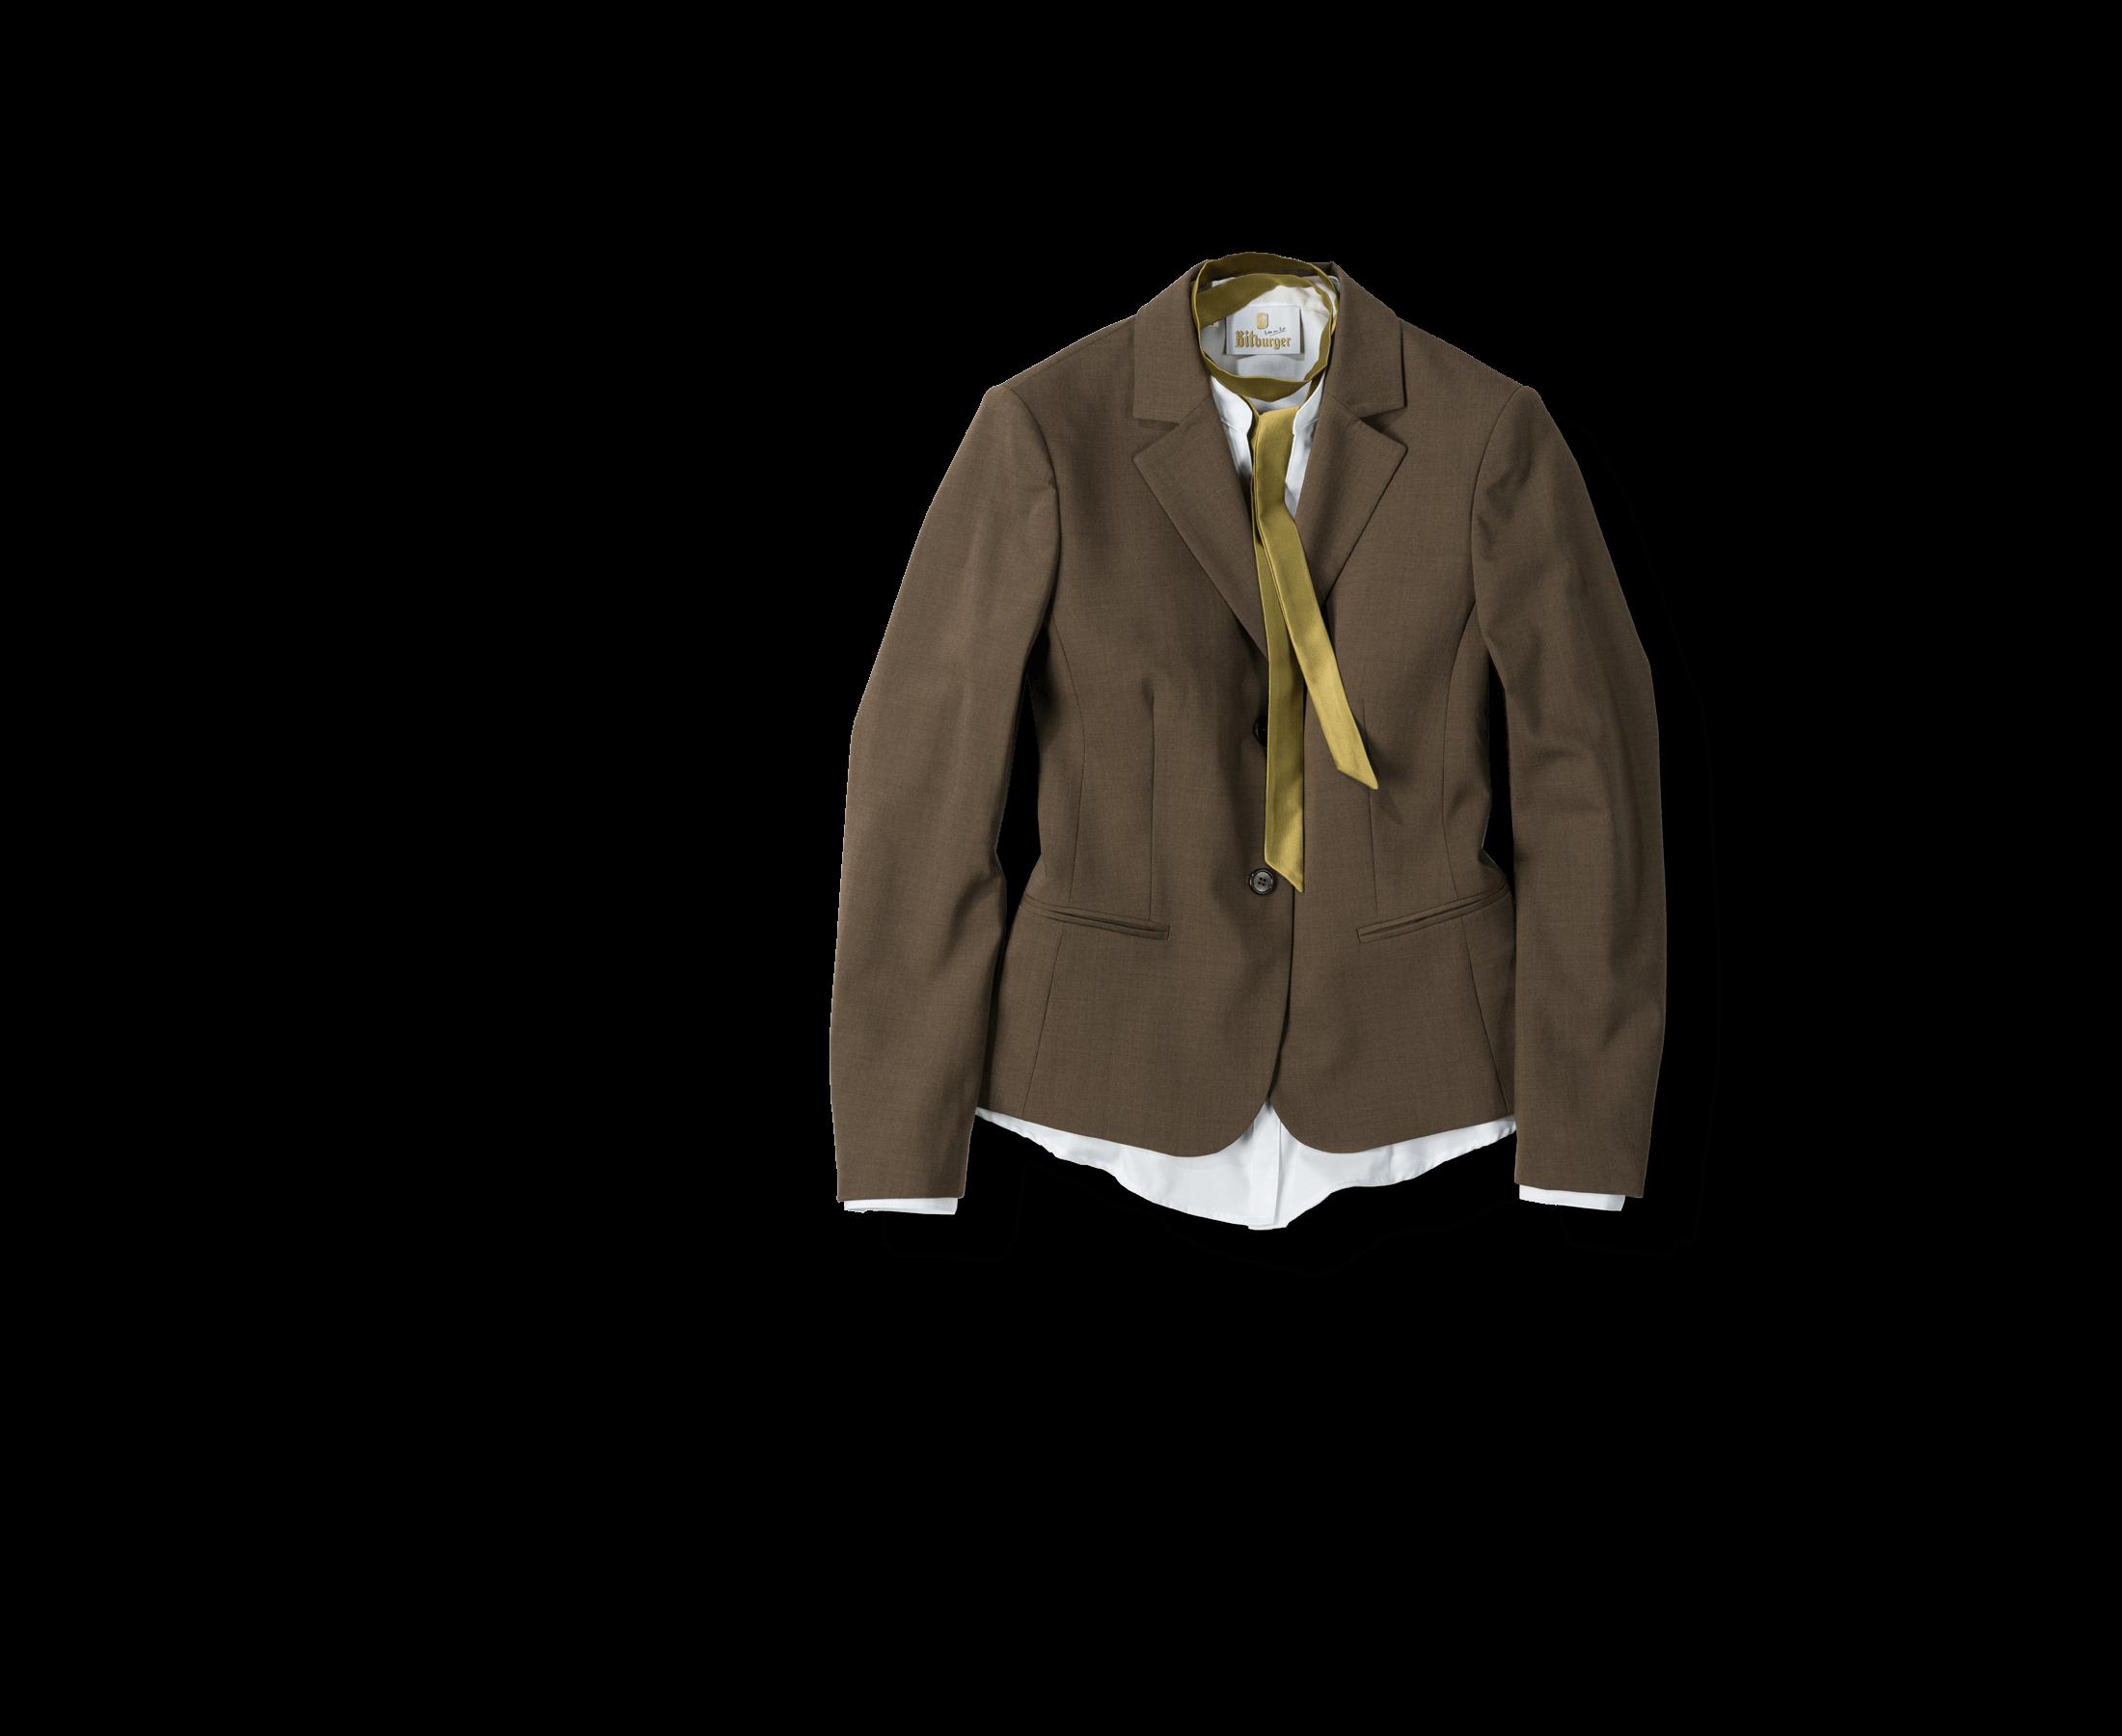 Bitburger Blazer in braun mit weißer Bluse. Beispiel für Sonderanfertigungen